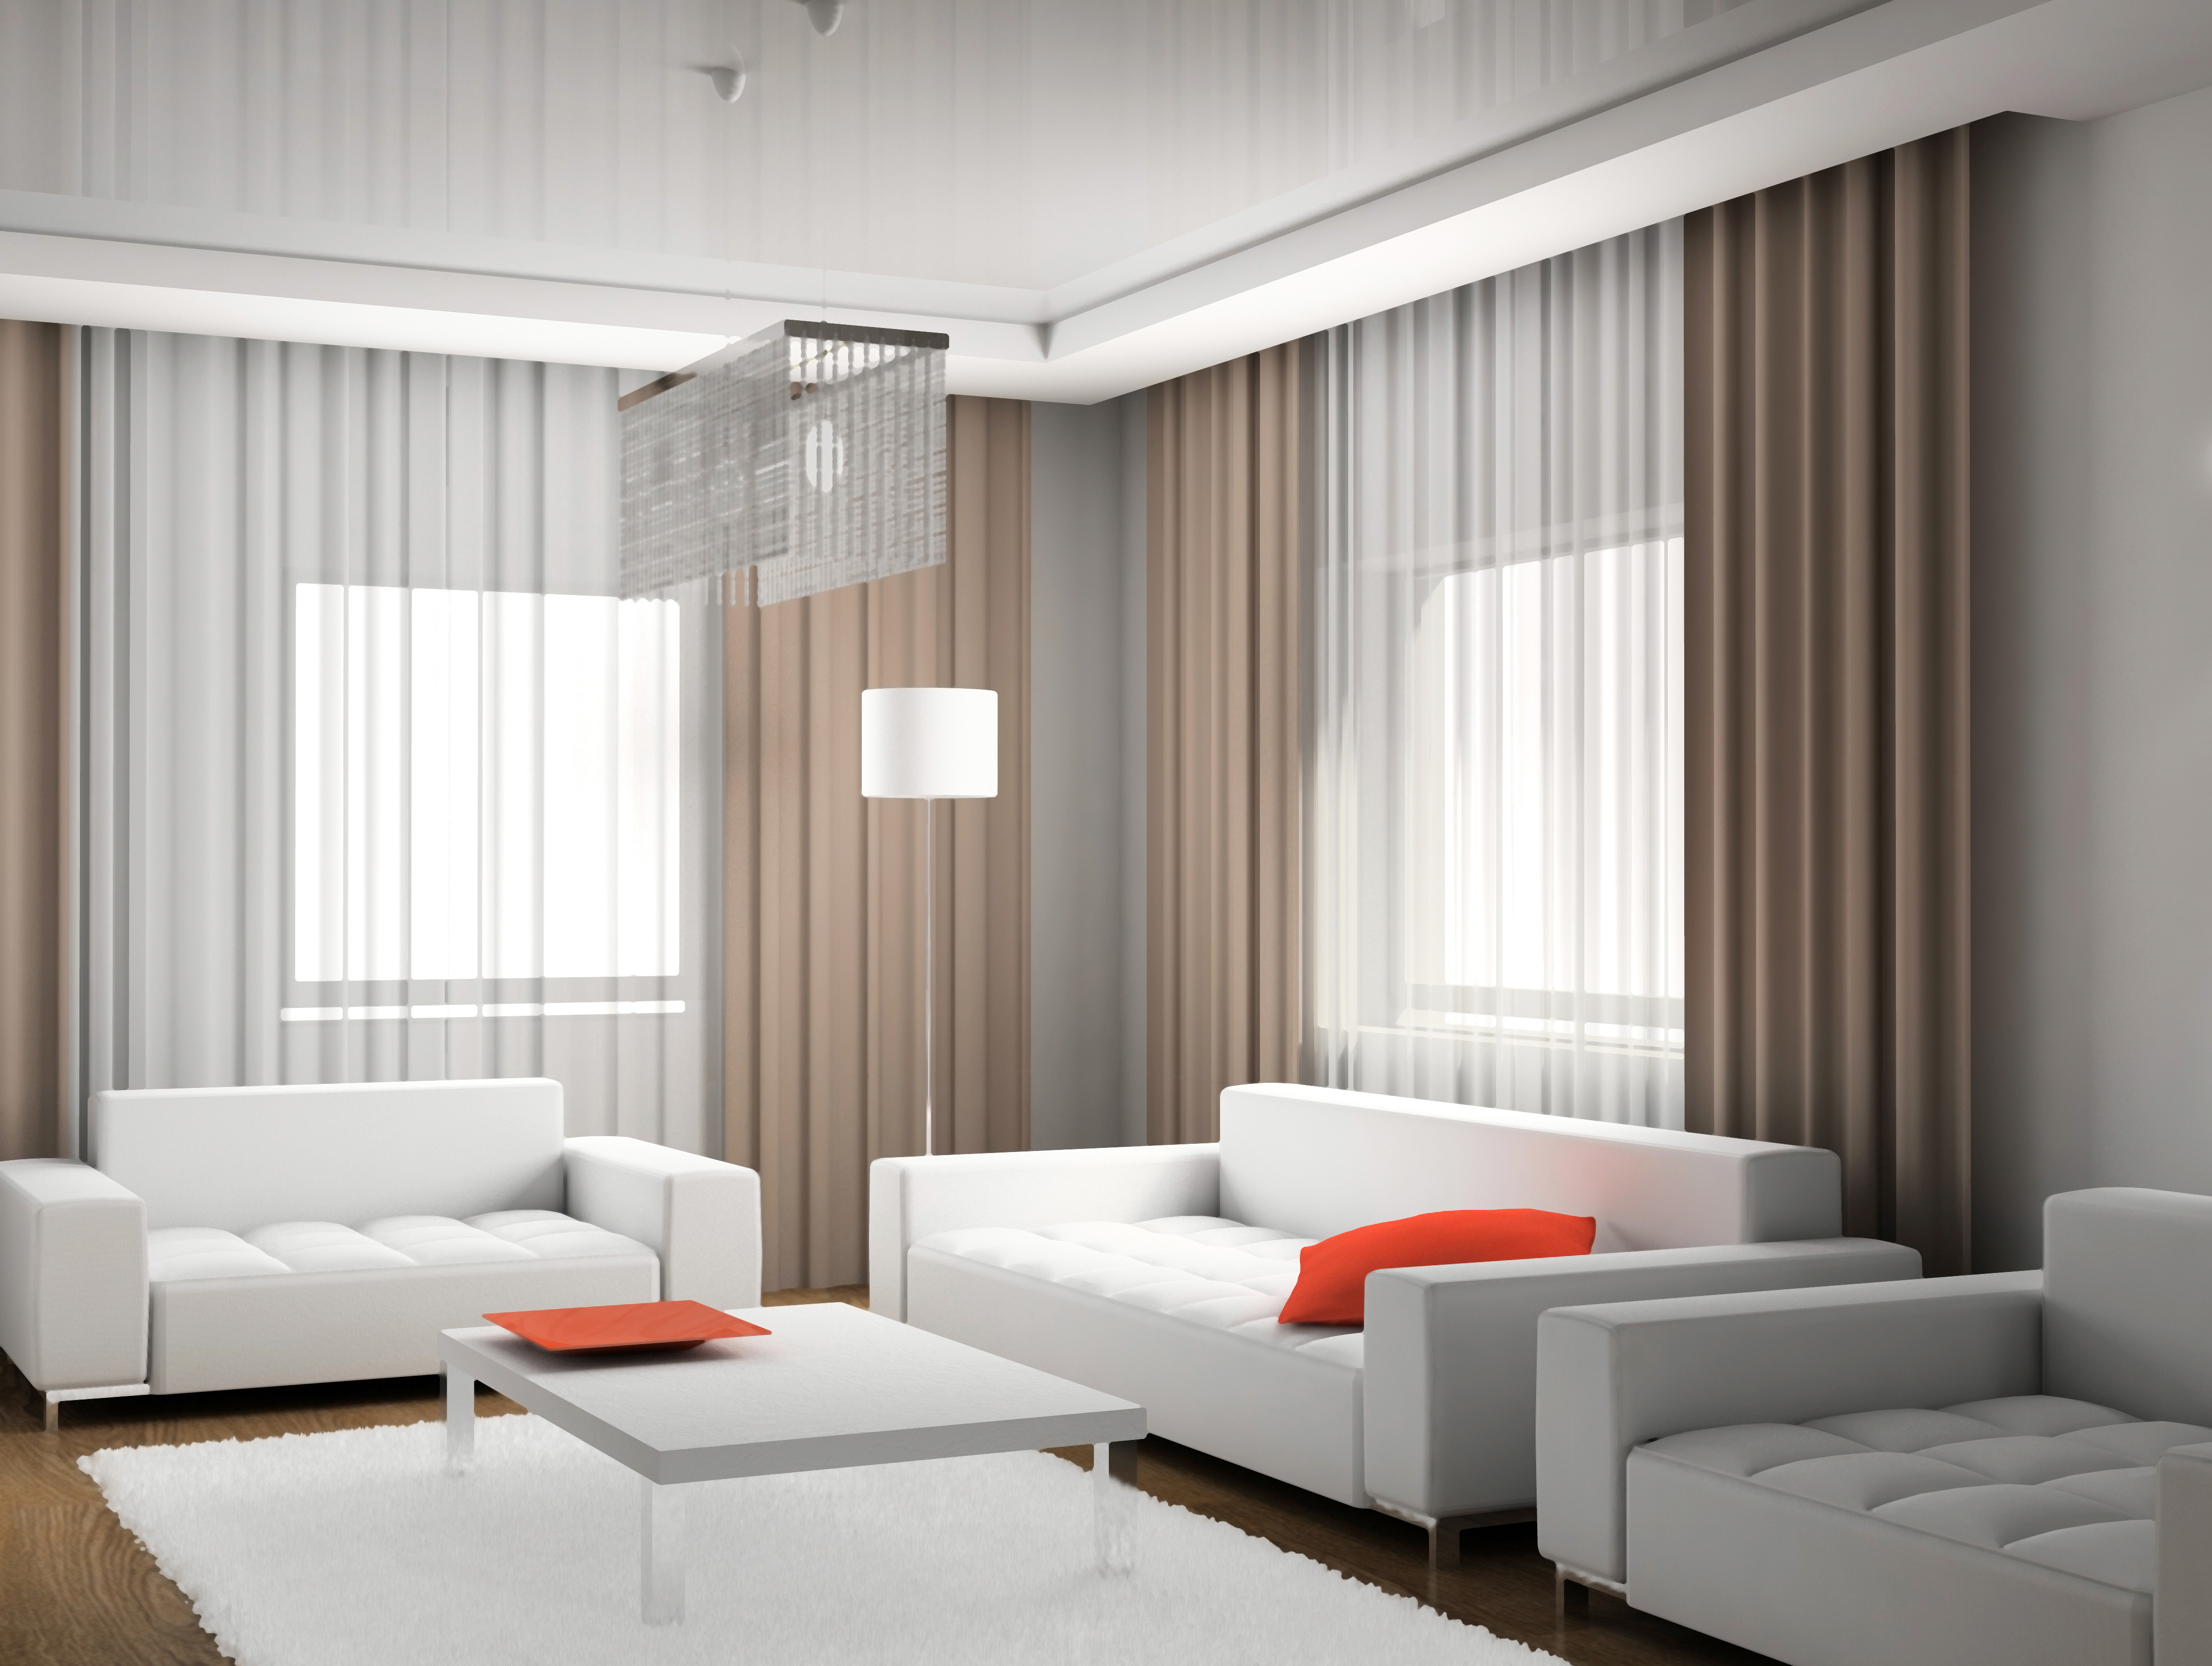 Шторы в современном интерьере зала фото